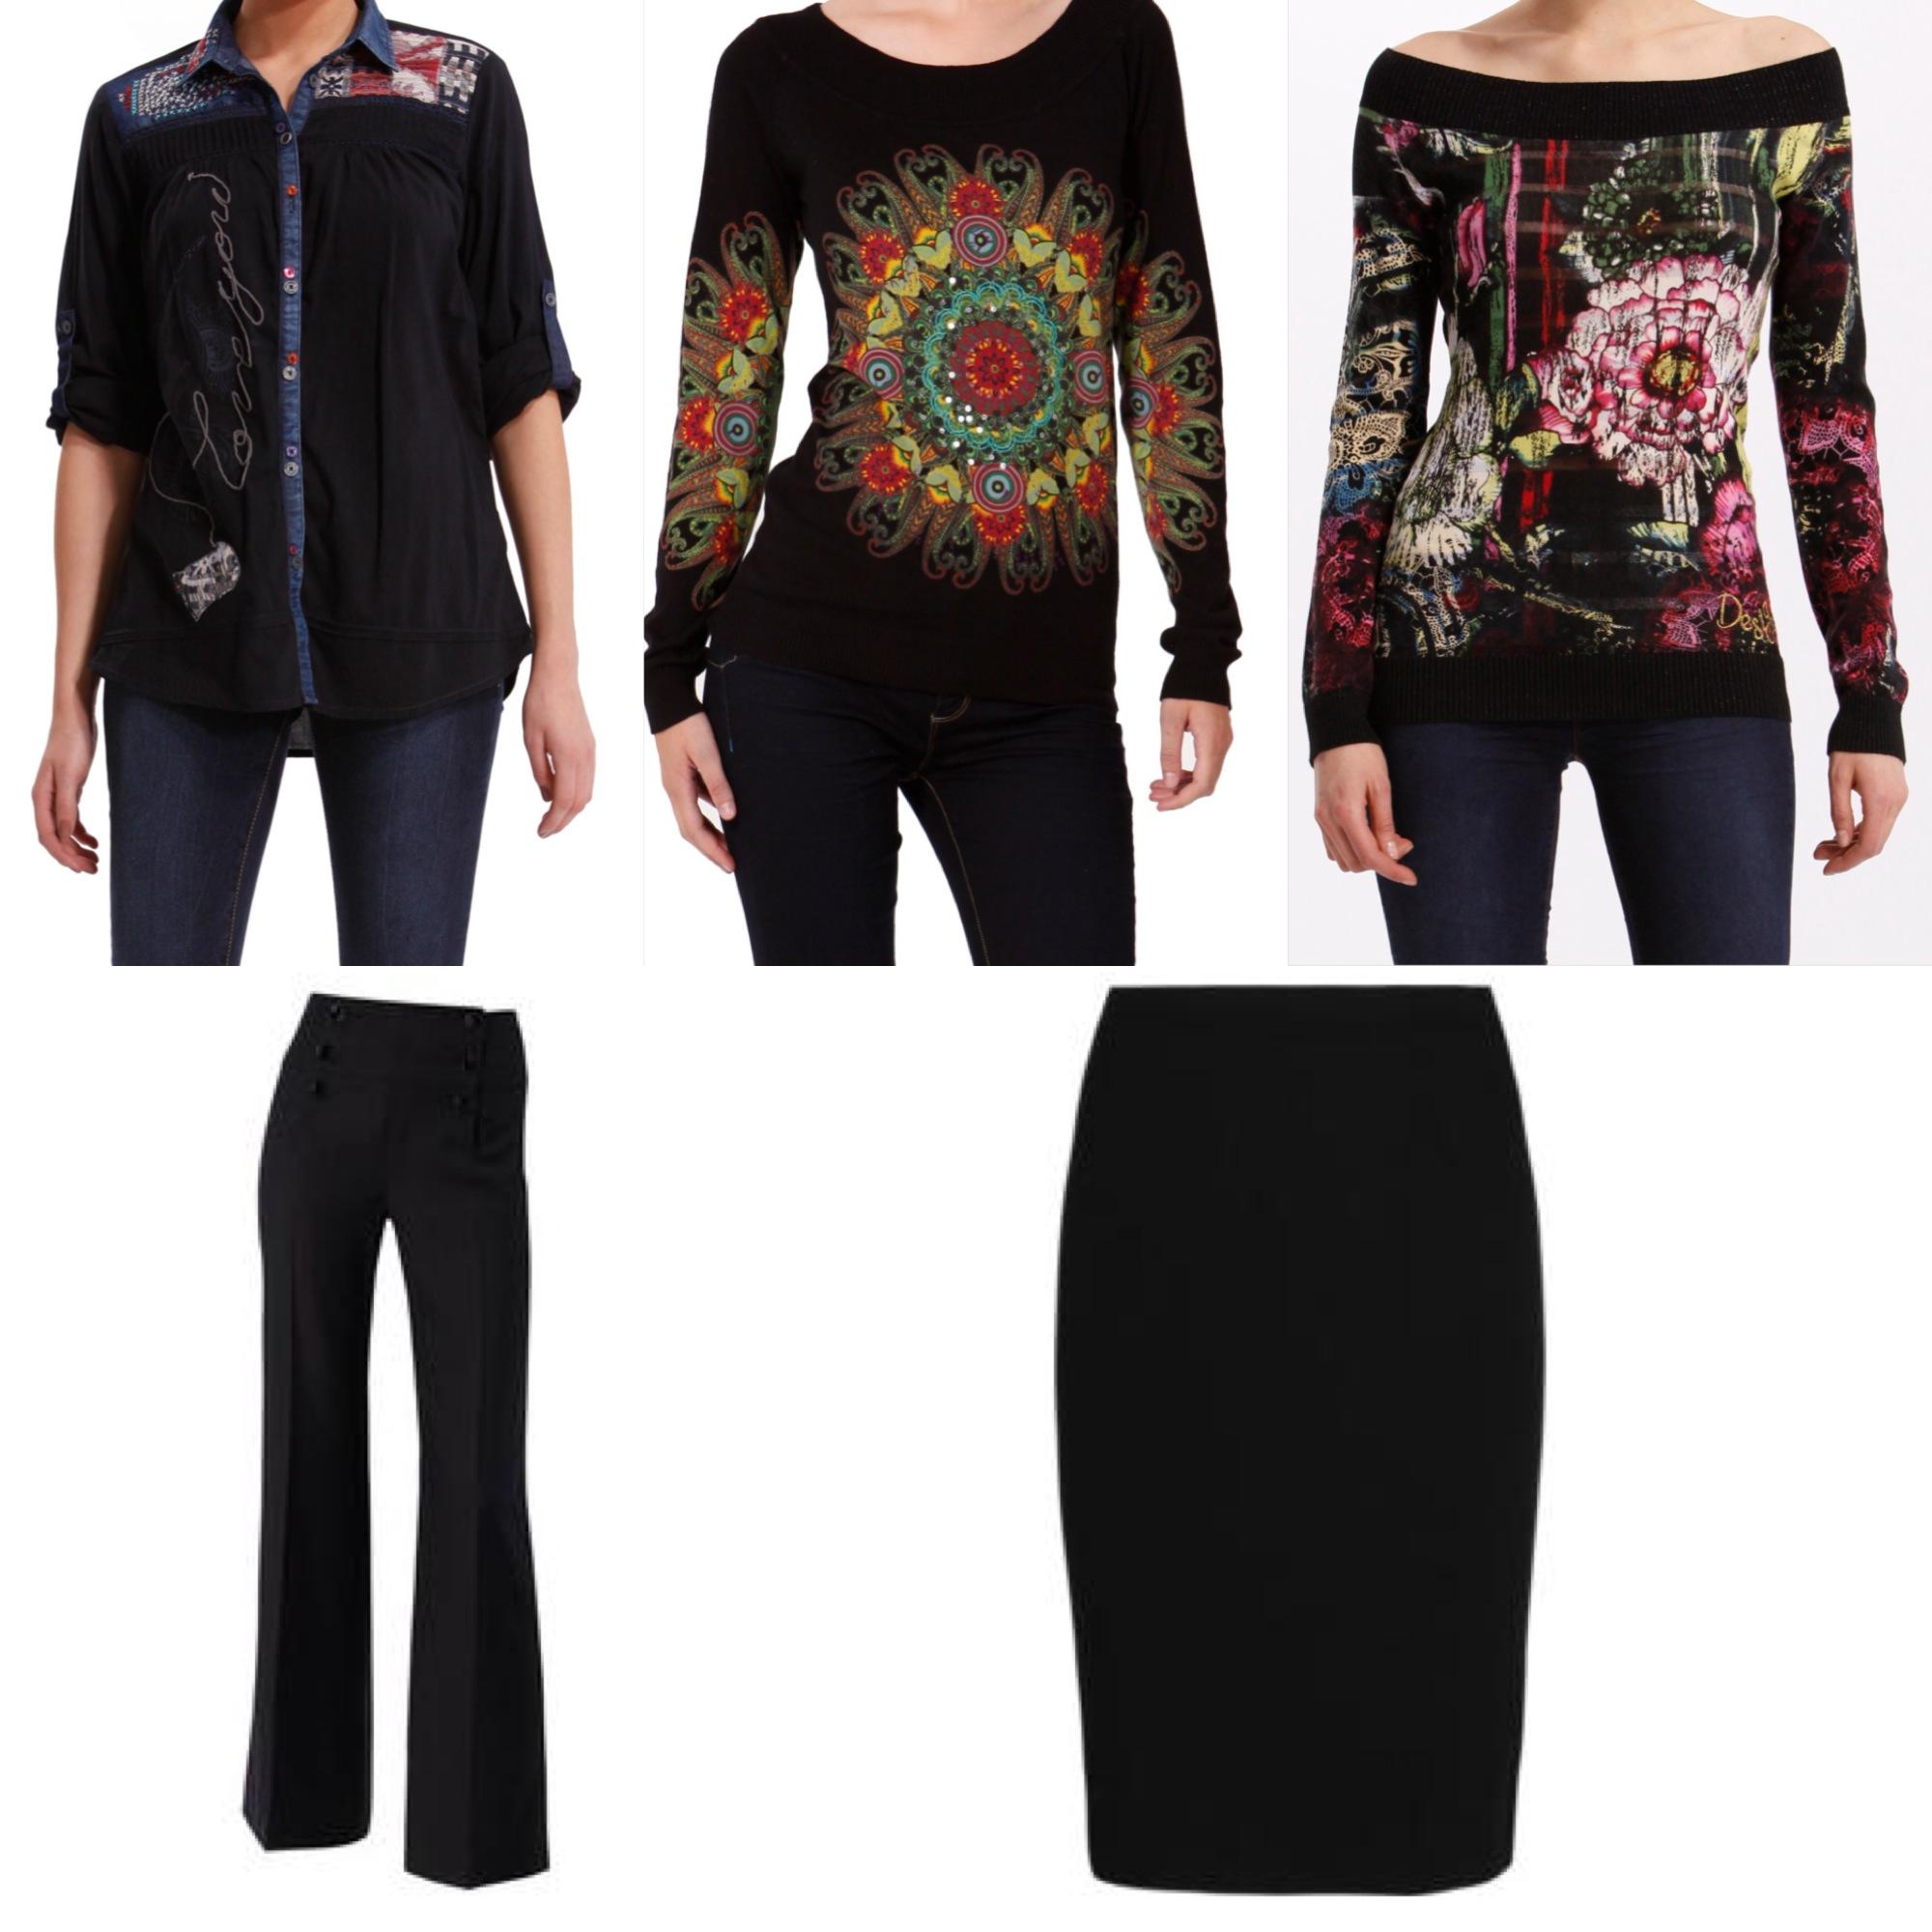 Oblečení do kanceláře nemusí být nuda. Doplňte černé kalhoty barevným  svetříkem Desigual! 8d1197fa27